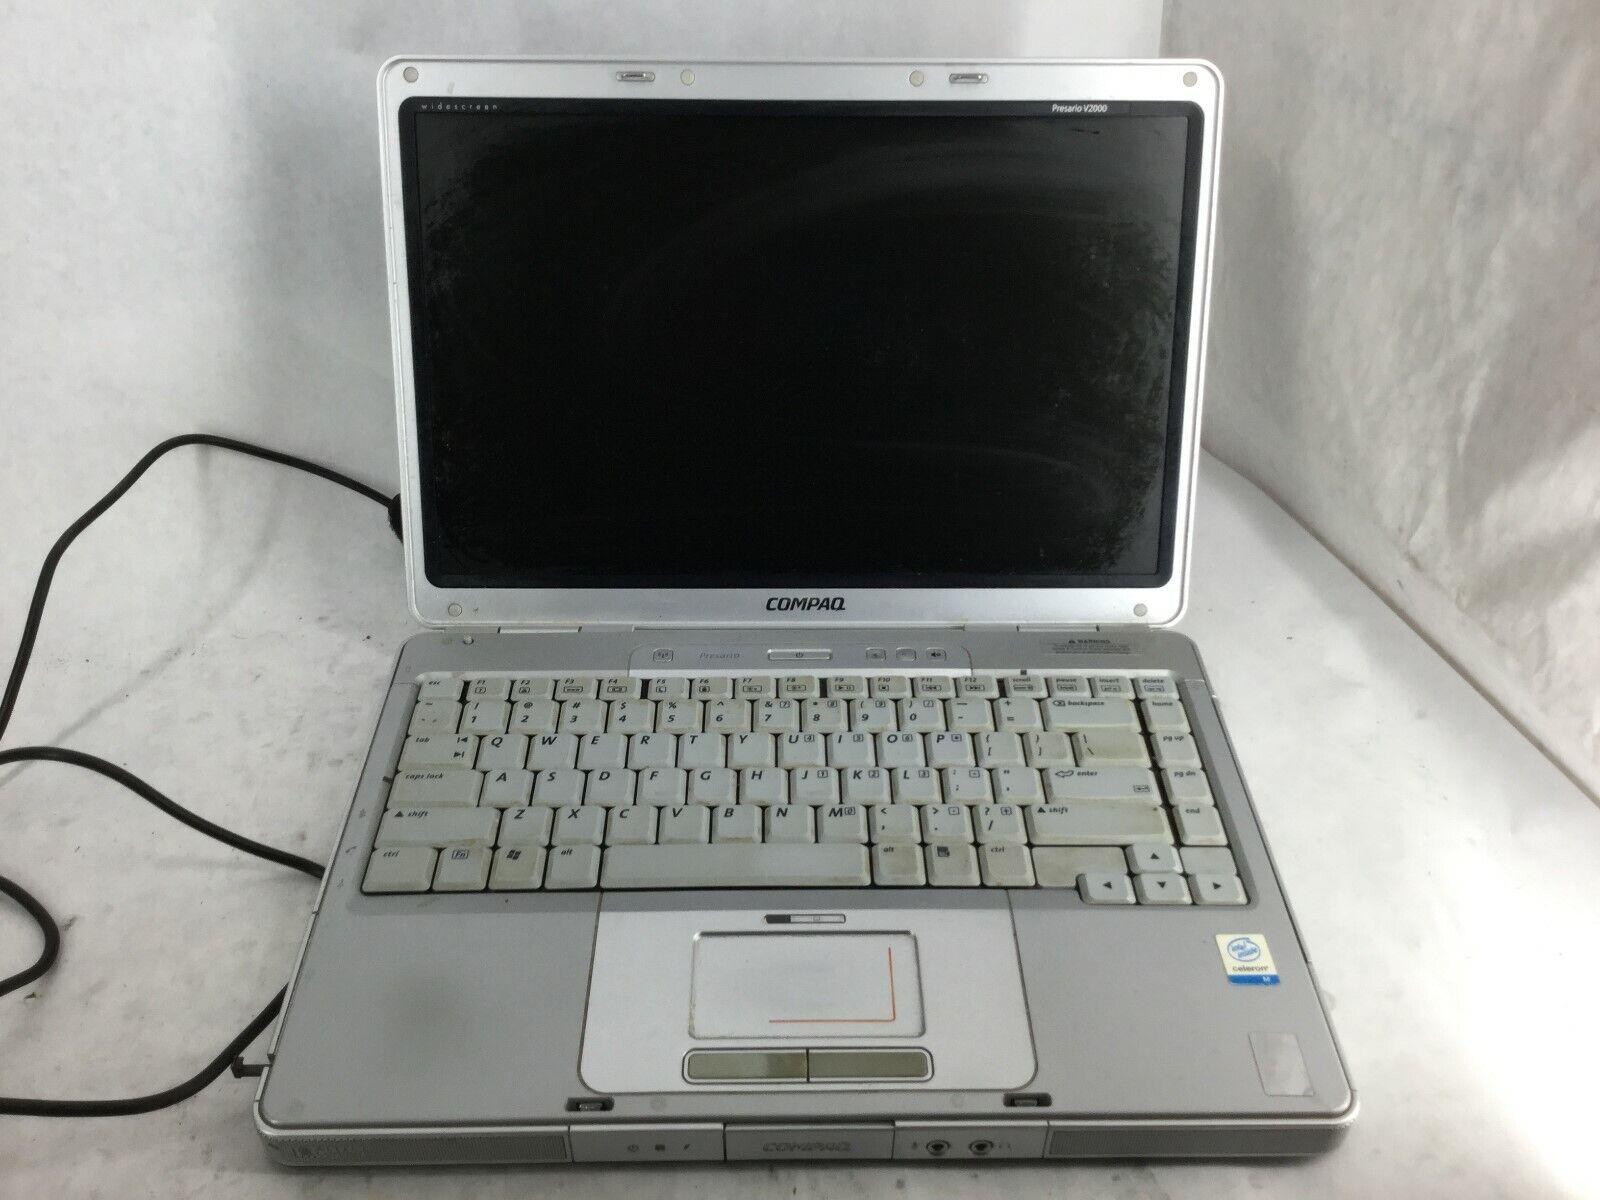 Compaq Presario v2000 Intel Pentium M CPU Laptop *POWER DEAD* -CZ